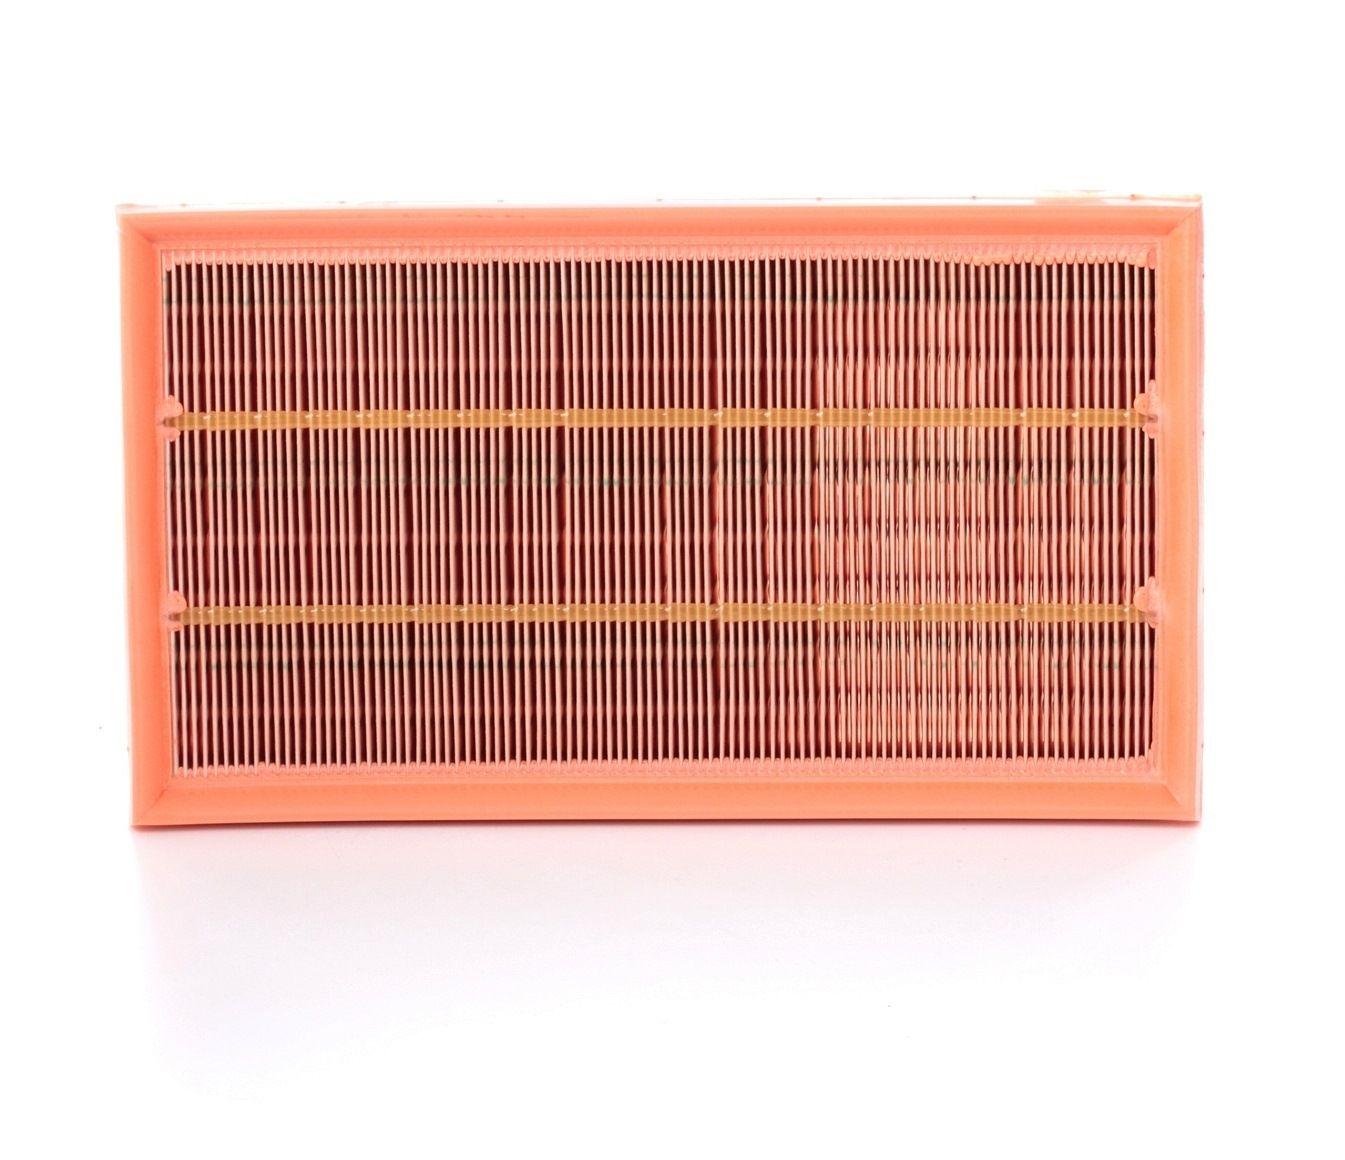 MANN-FILTER: Original Luftfiltereinsatz C 30 115 (Länge: 294mm, Länge: 294mm, Breite: 171mm, Höhe: 50mm)